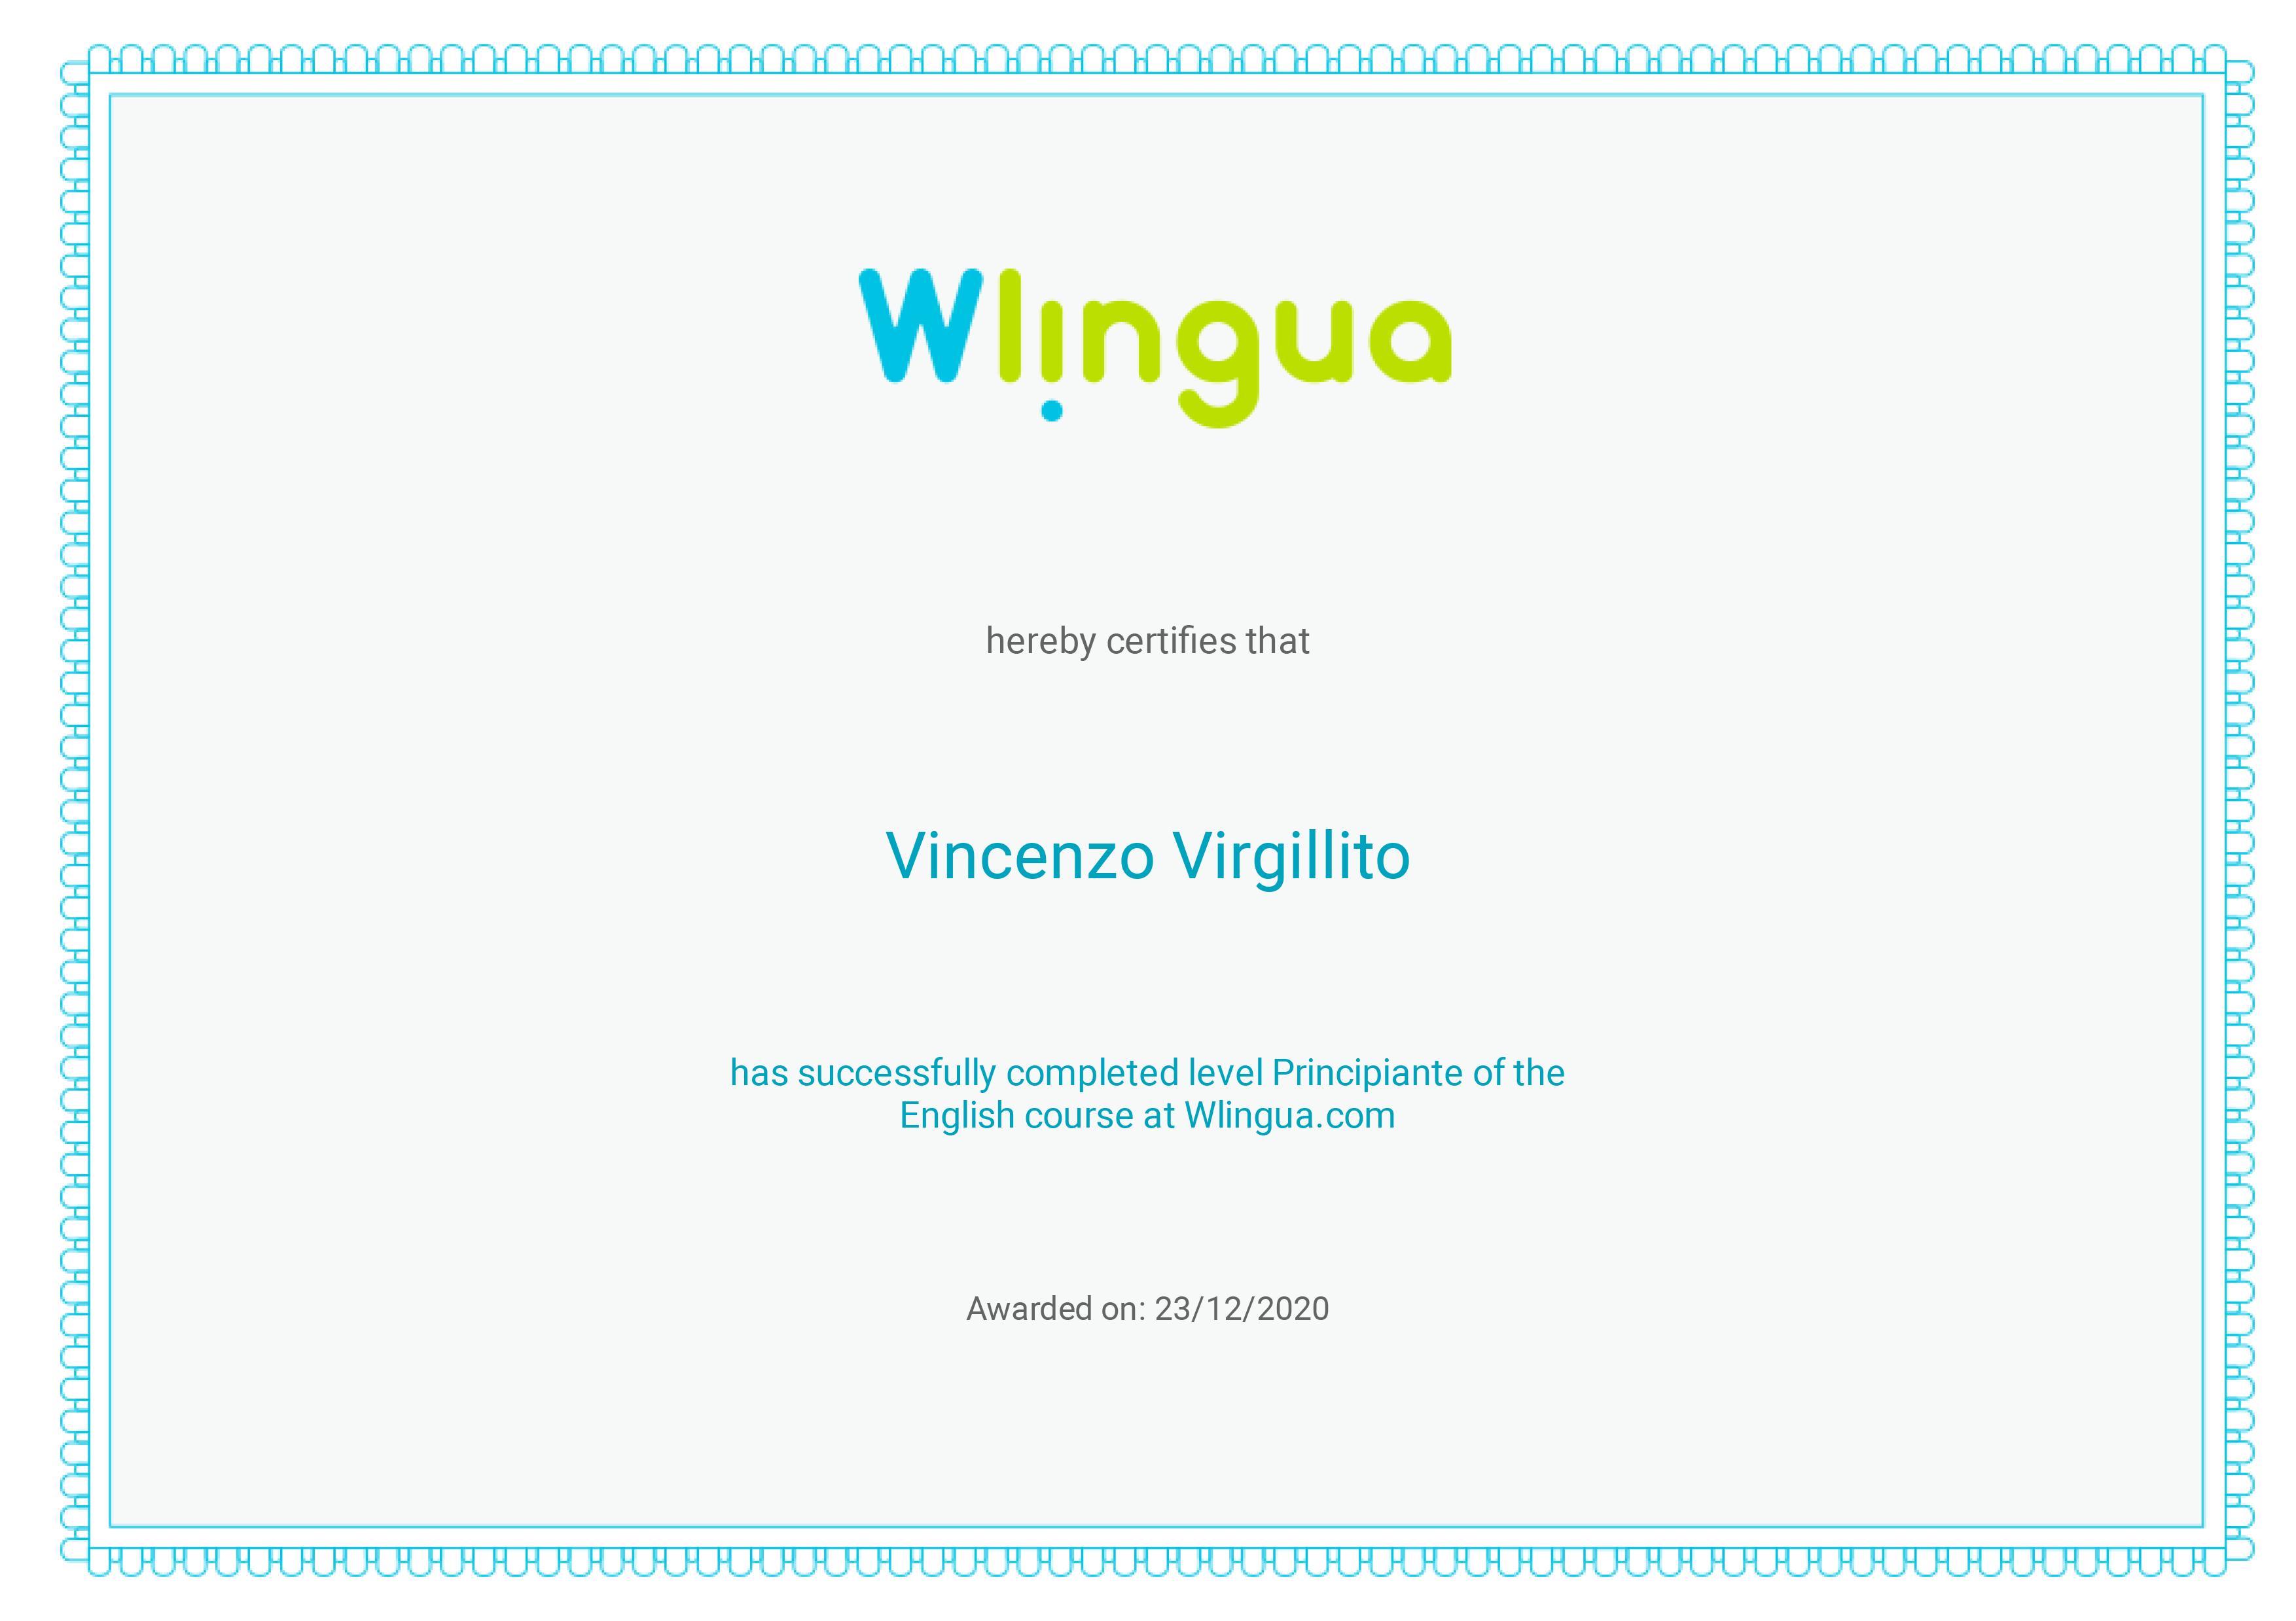 Certificato-Wlingua-A1